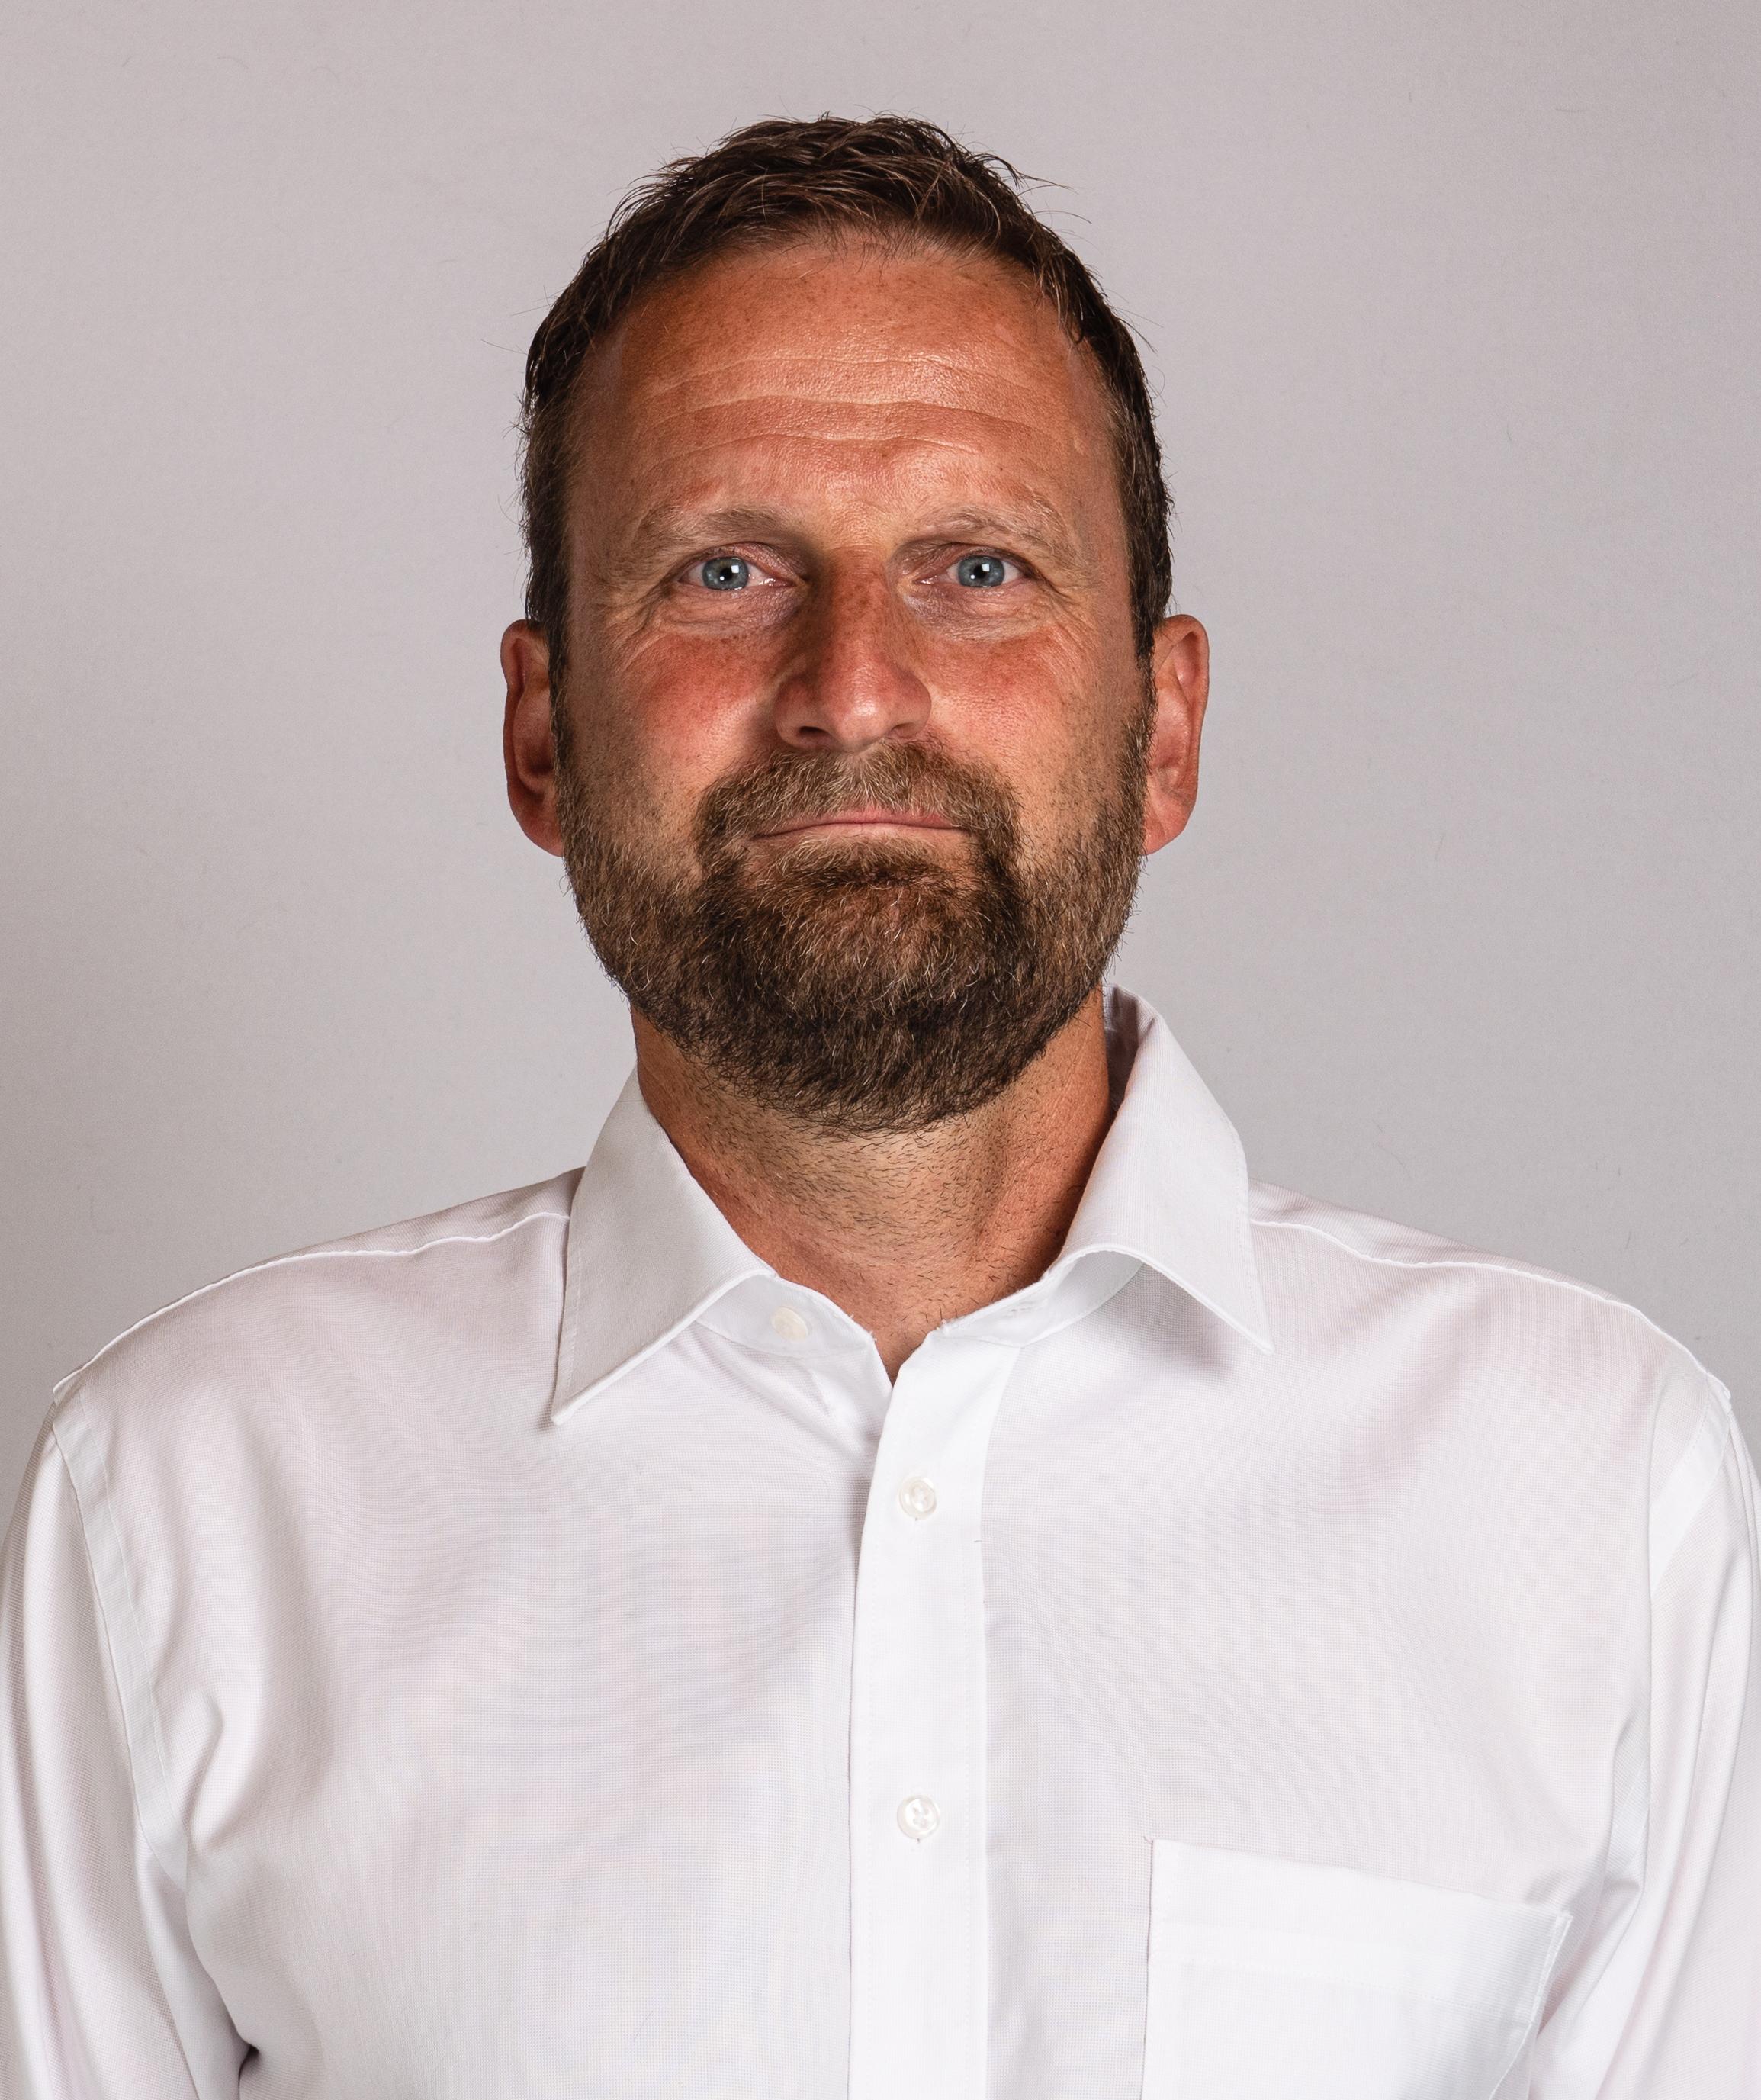 Björn Weiser